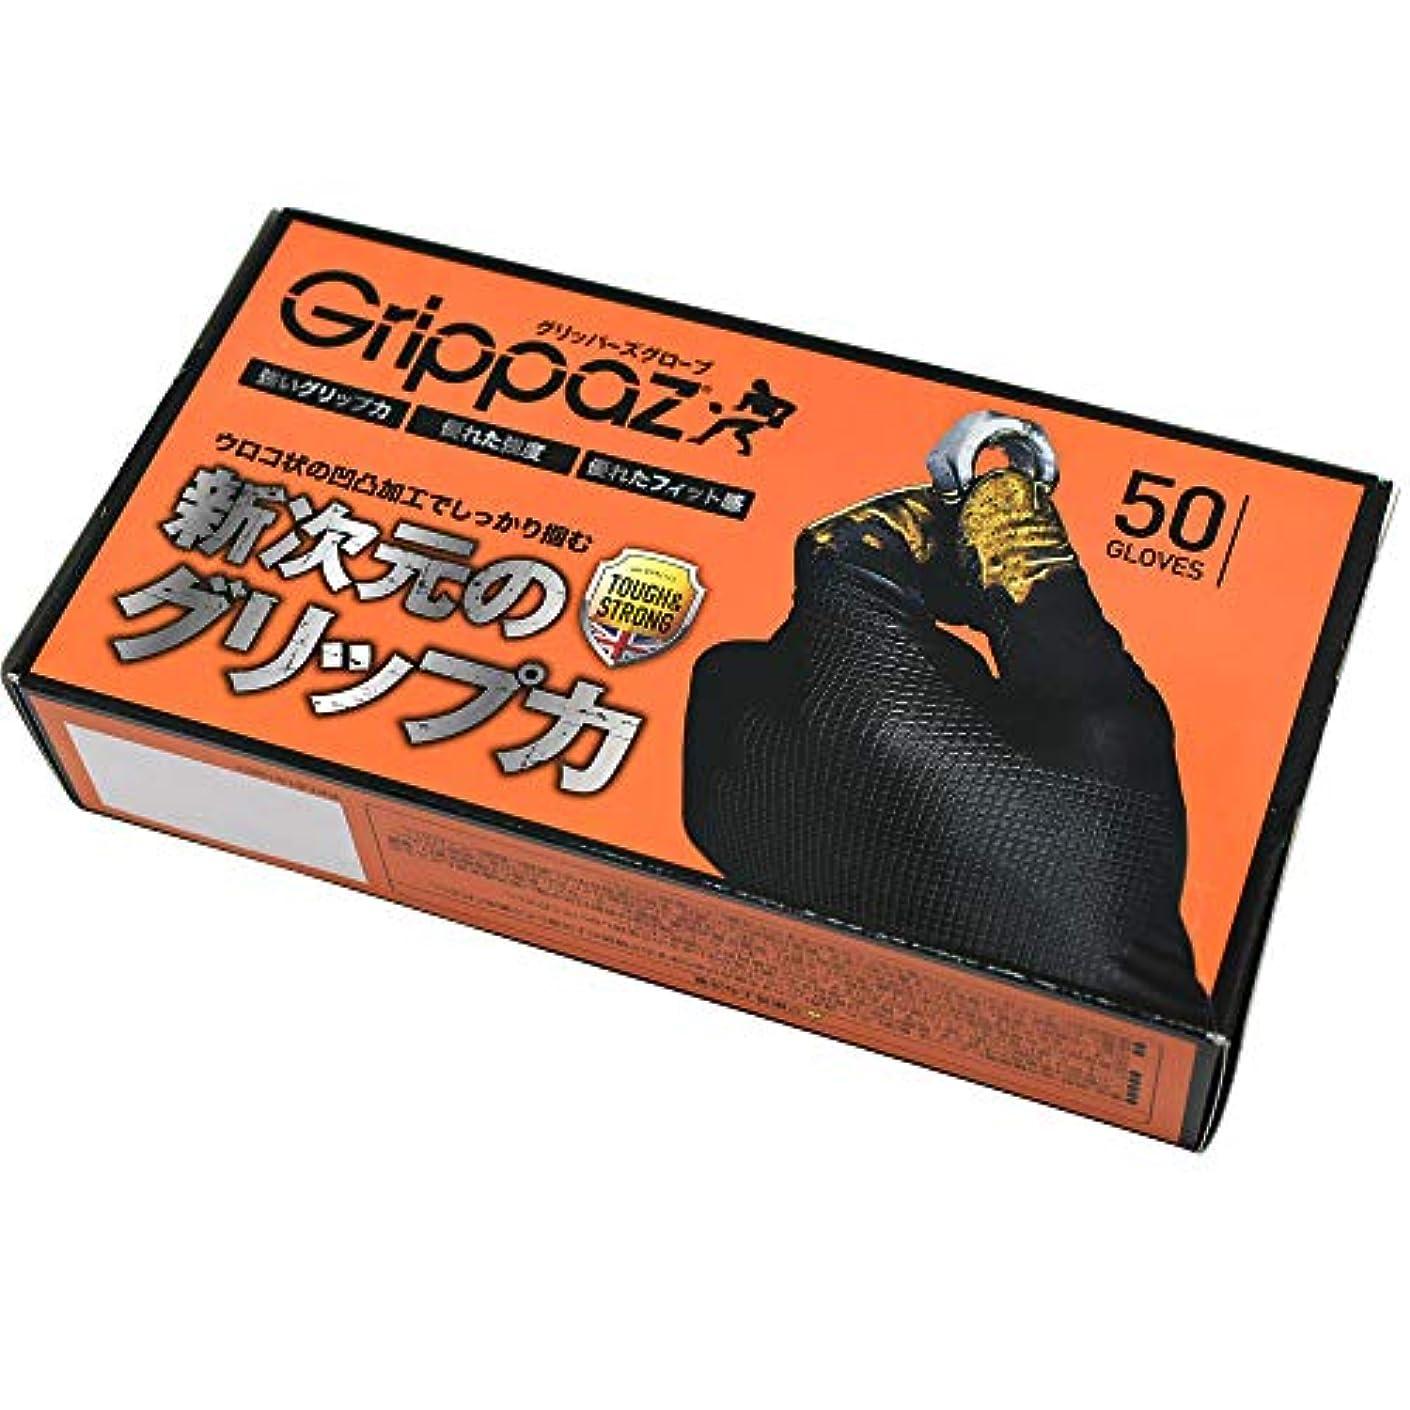 在庫真空パワーセル原田産業 ニトリル手袋 グリッパーズグローブ 50枚入 Mサイズ パウダーフリー 左右兼用 自動車整備 メンテナンス